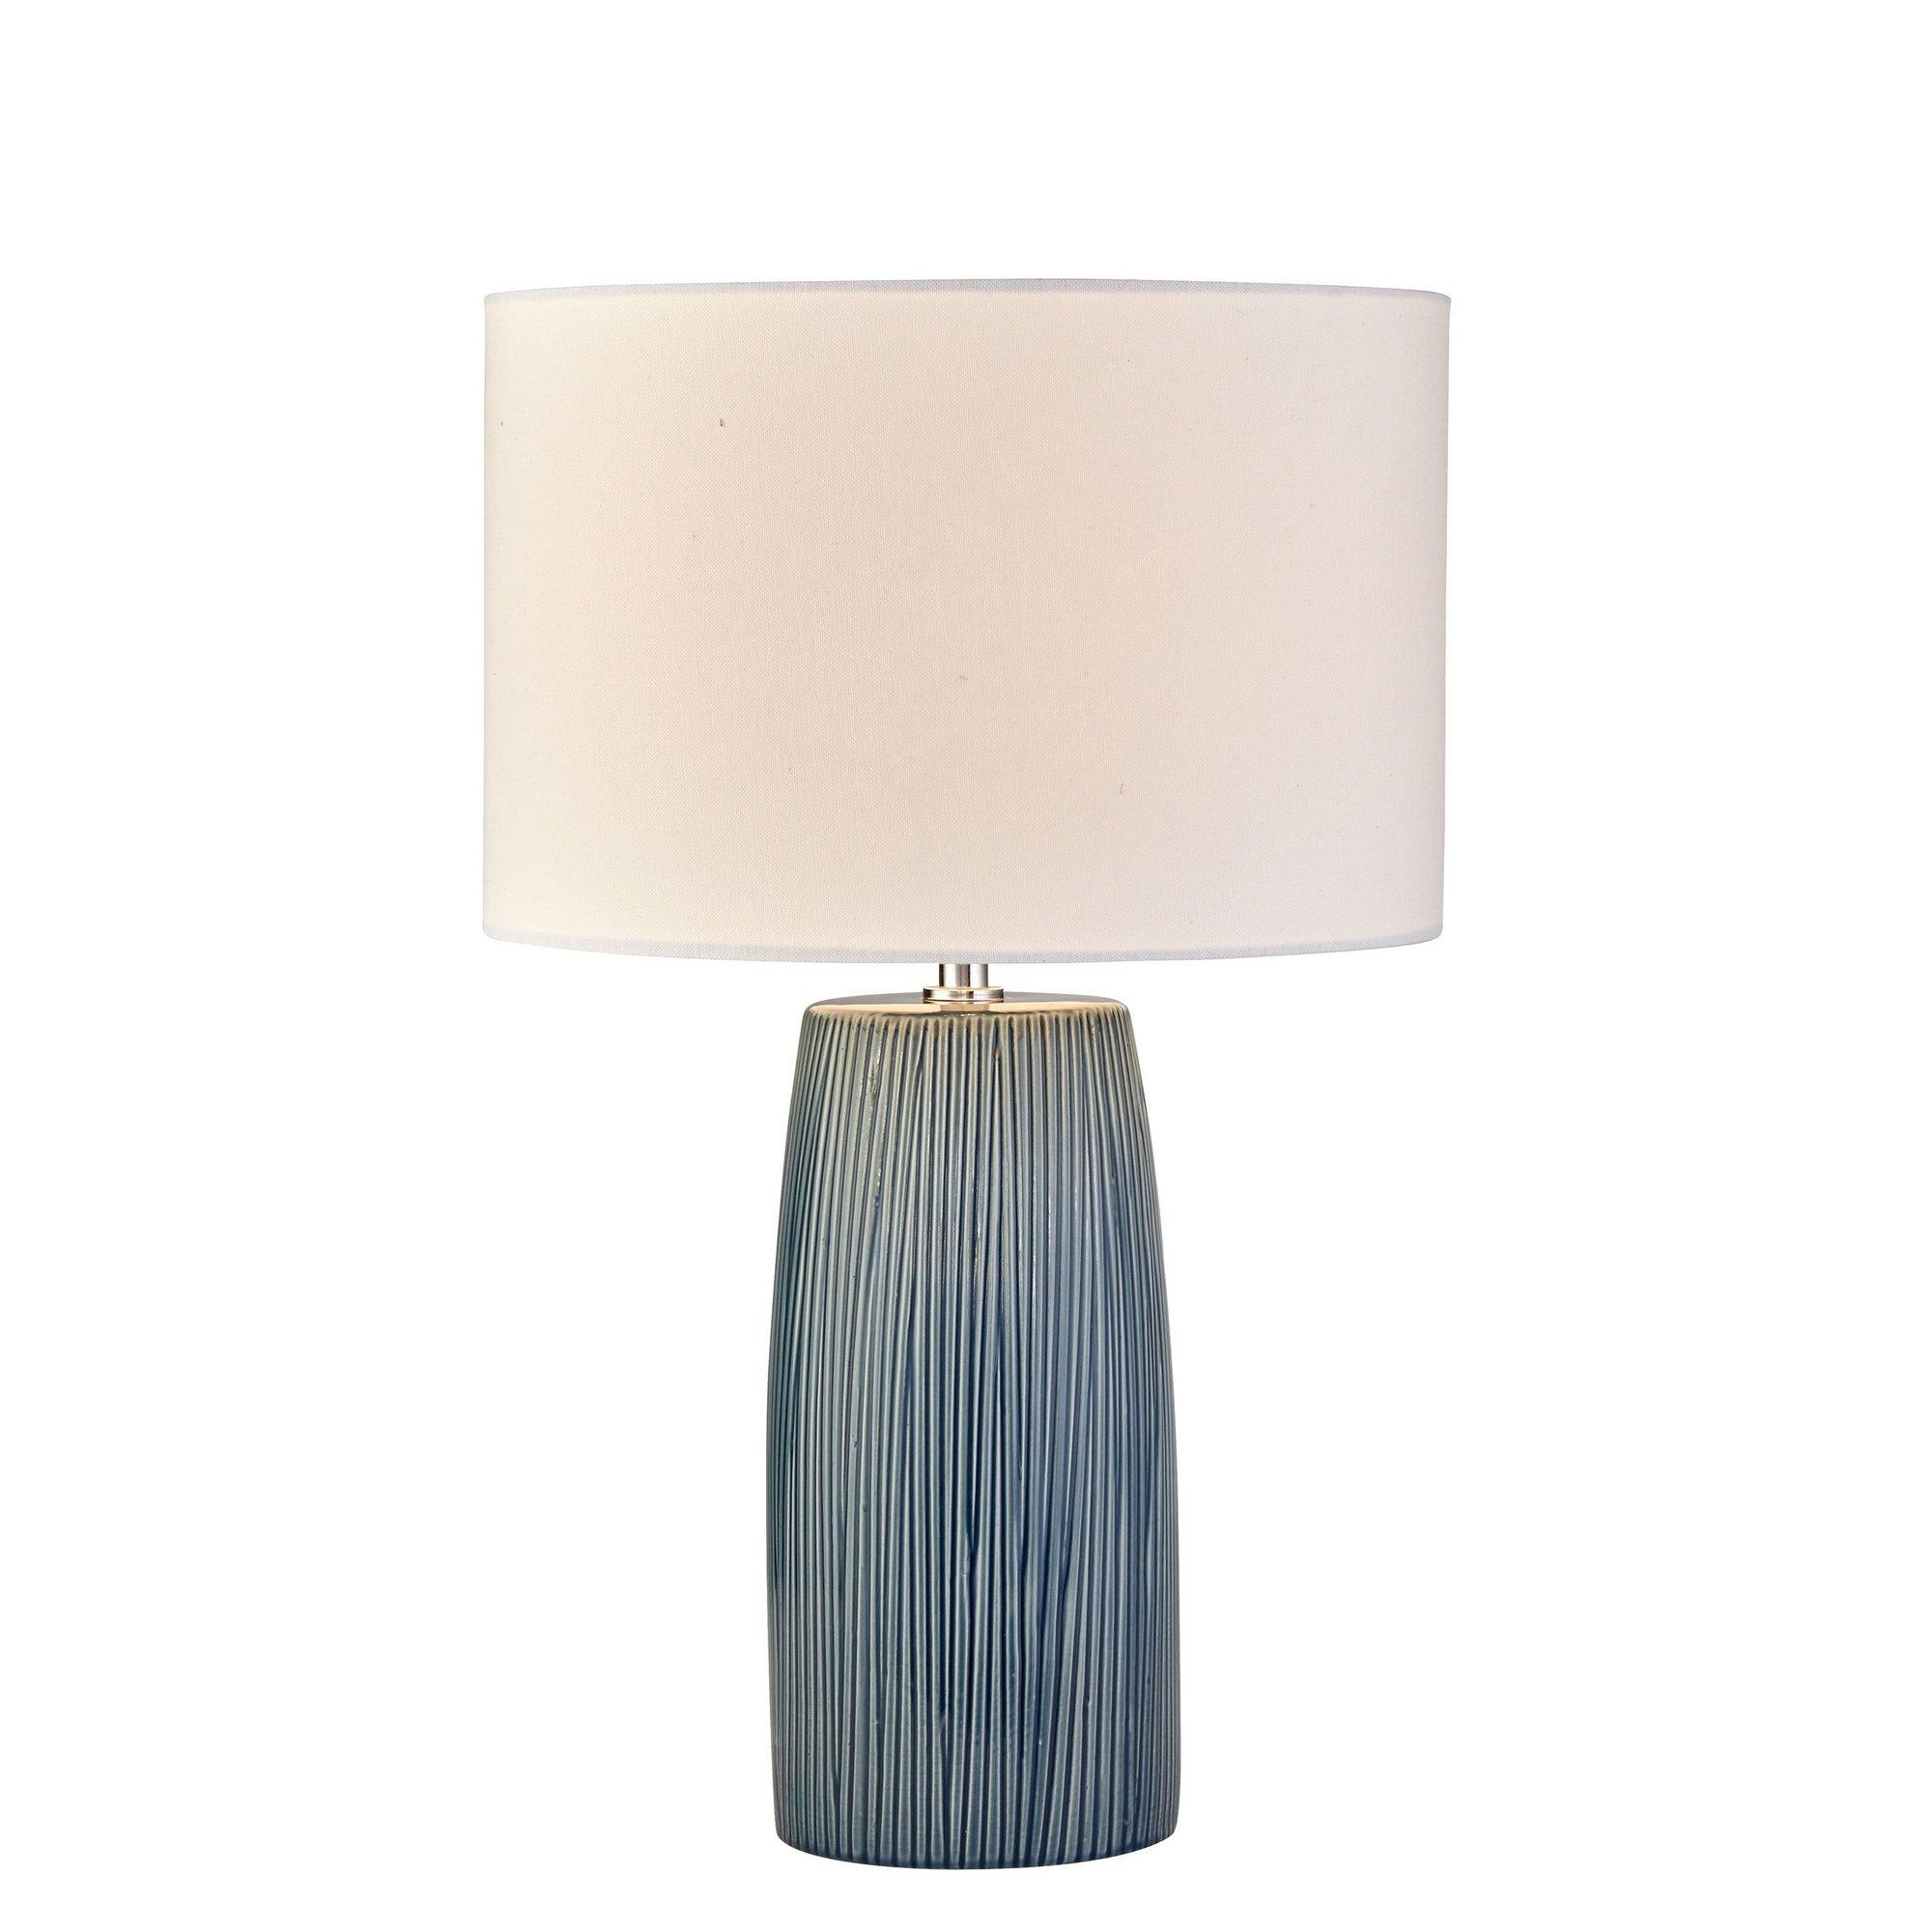 Image of Alex Ceramic Table Lamp